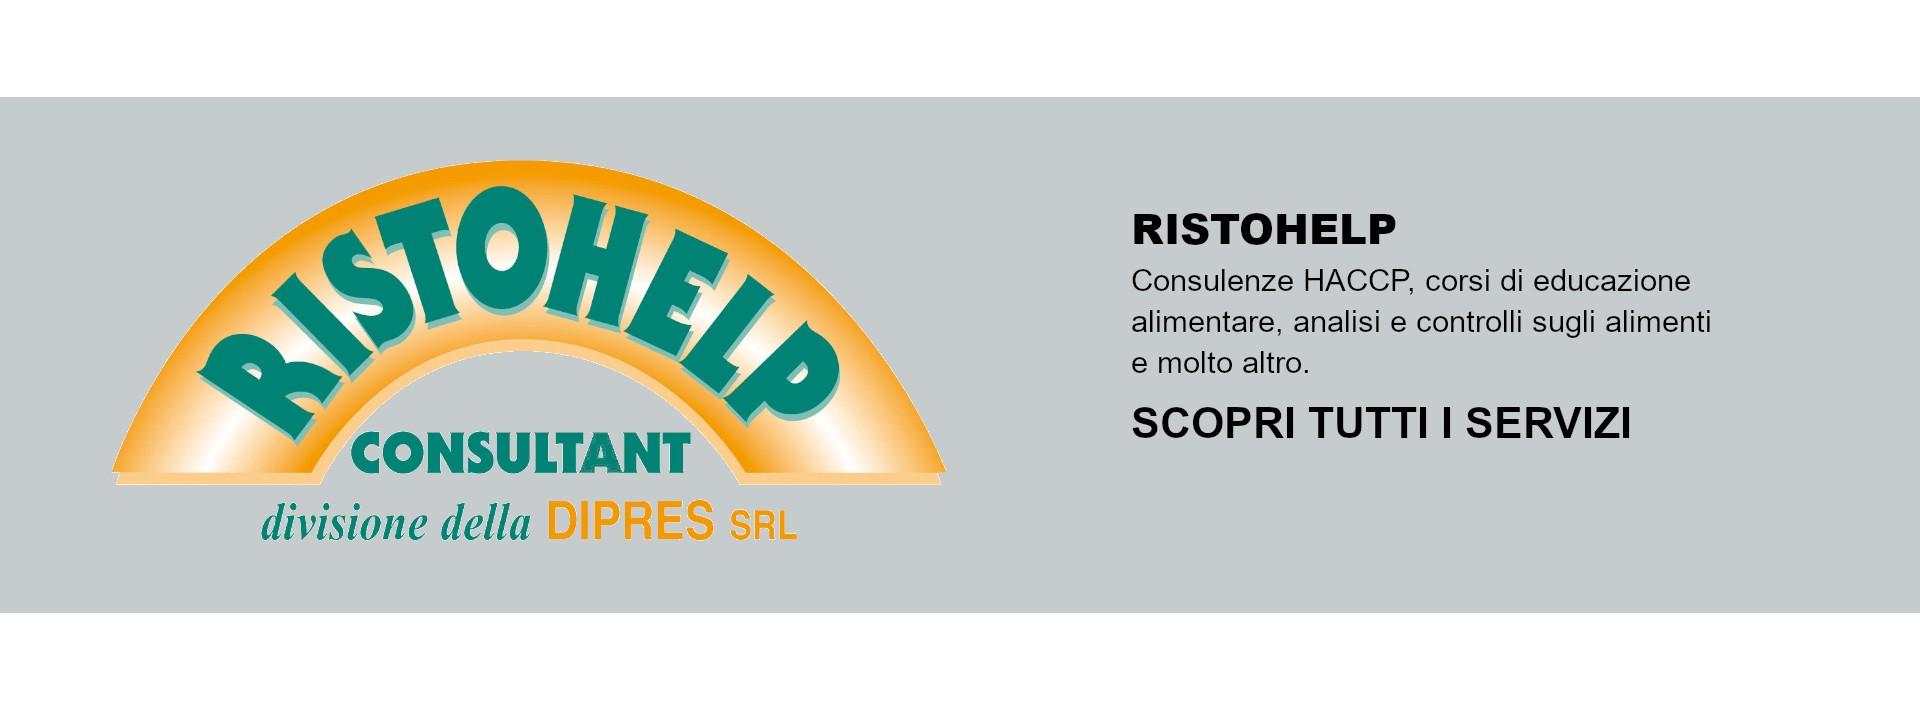 Ristohelp Consultant certificato HACCP per le comunita religiose